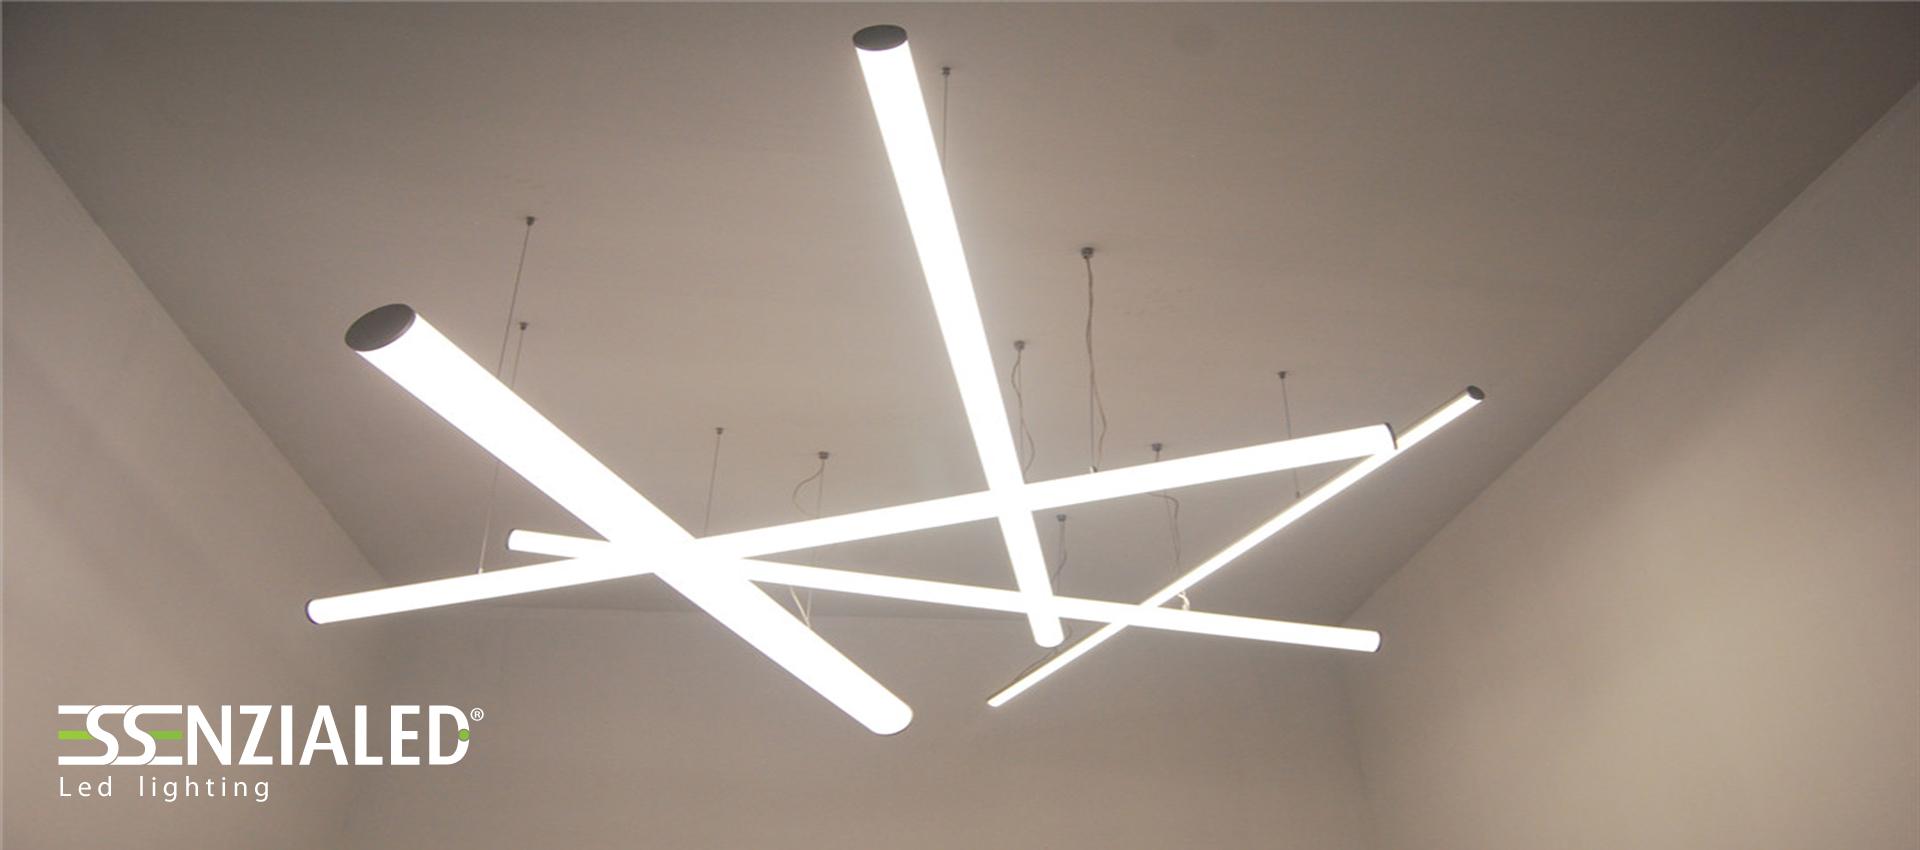 Illuminazione led per uffici prodotte su misura for Luci tubolari a led